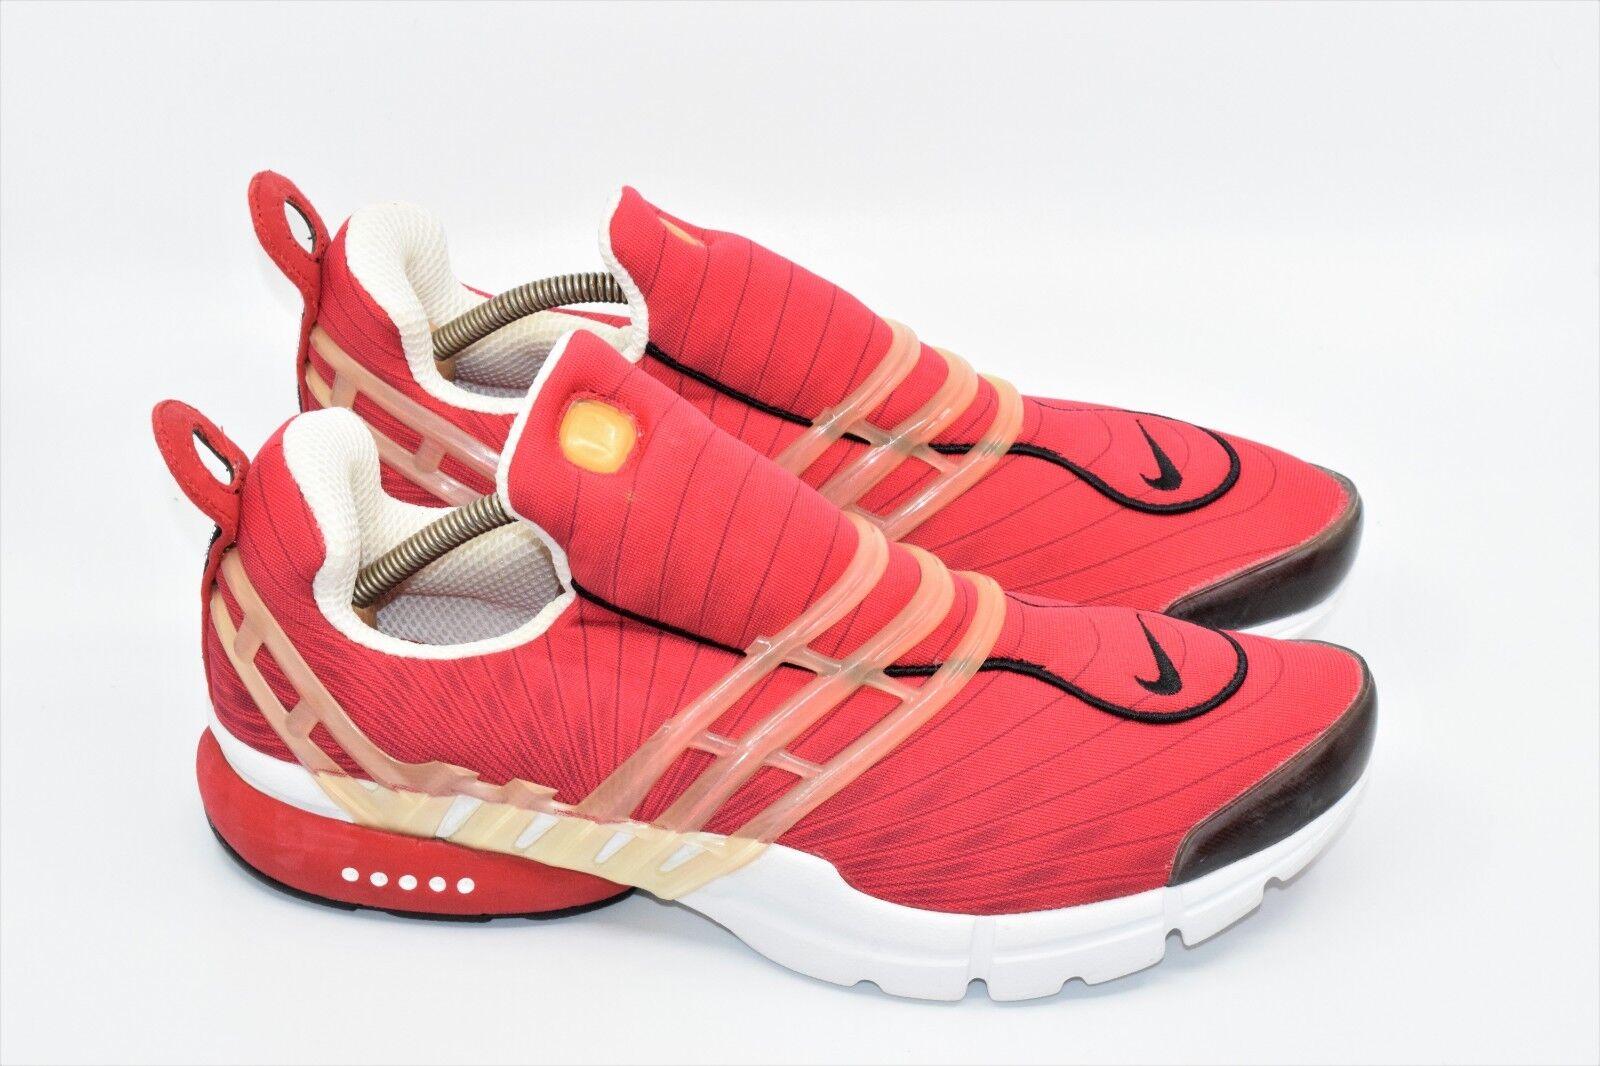 Nike Air Presto Faze Red White Size XXL 104301-601 Vintage Rare